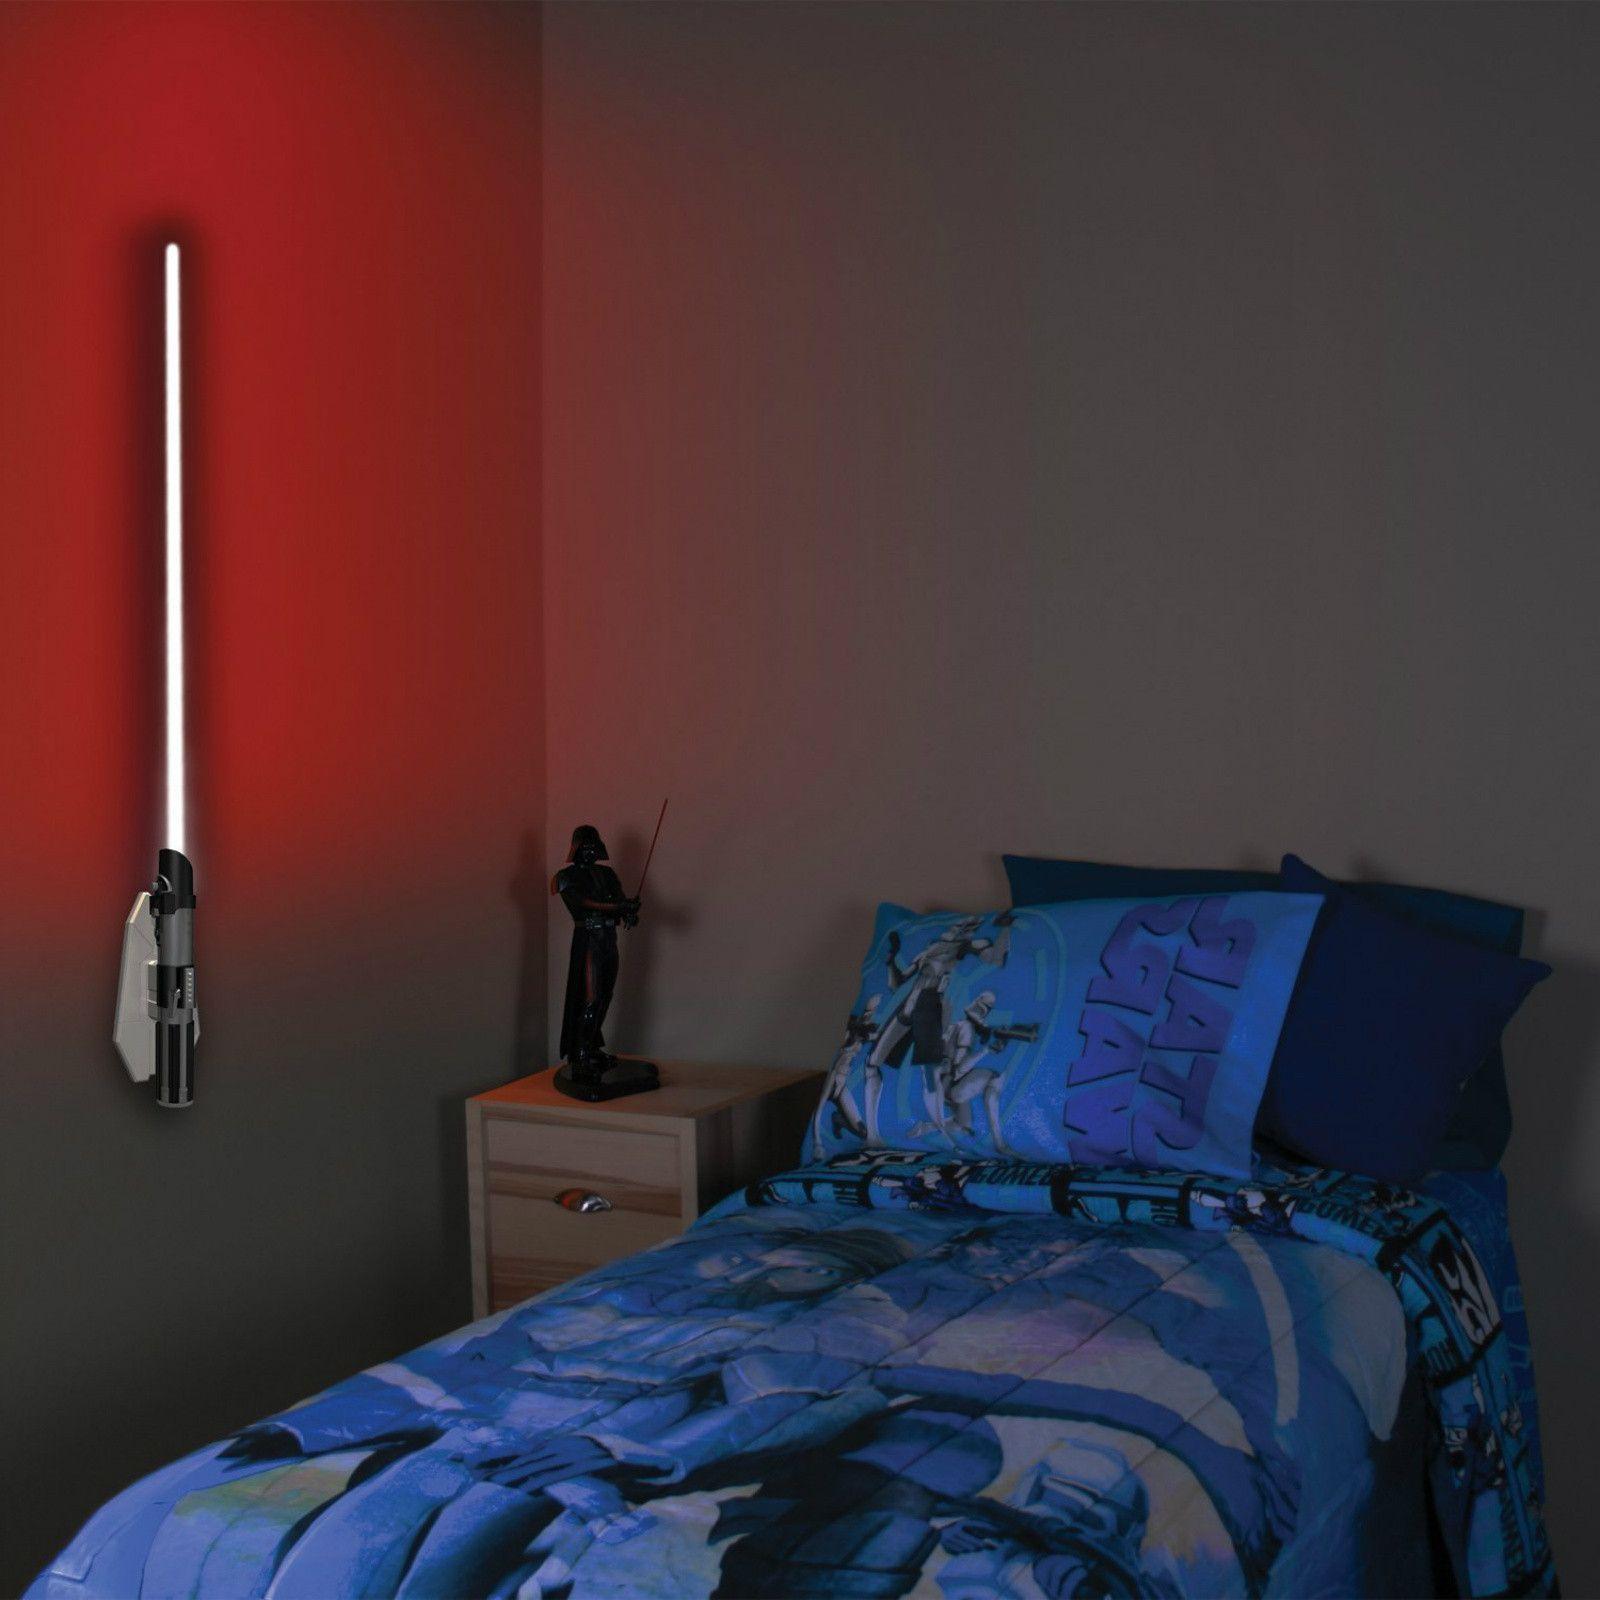 Lightsaber Room Light Darth Vader Room Lights Room Lightsaber